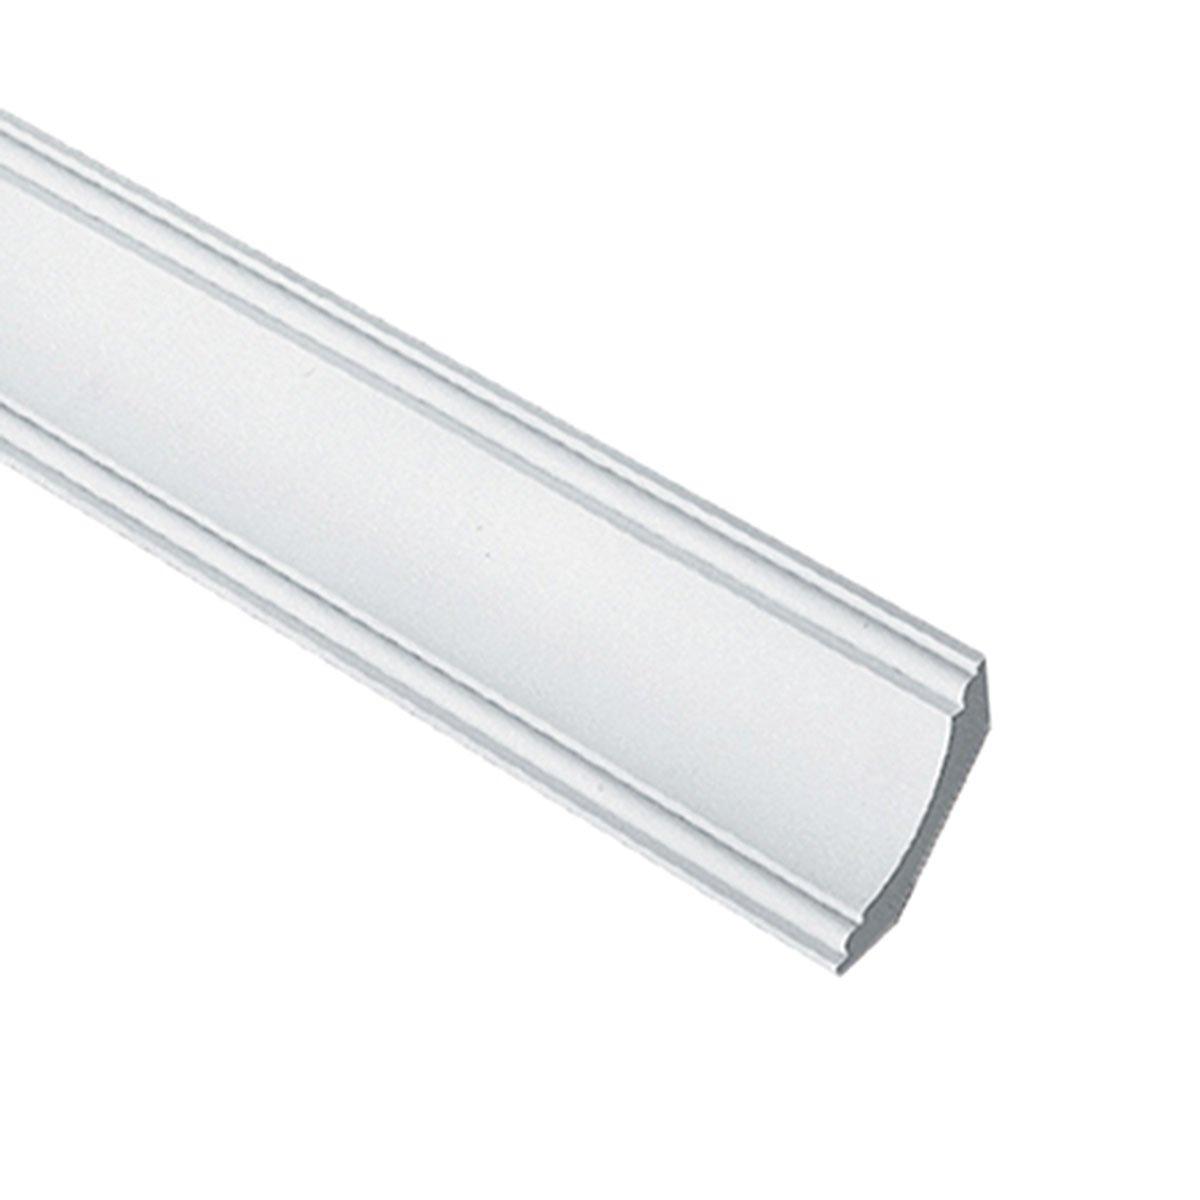 Fypon MLD593-16 2 1/2''H x 2 1/2''P, 16' Length, Door/Window Moulding